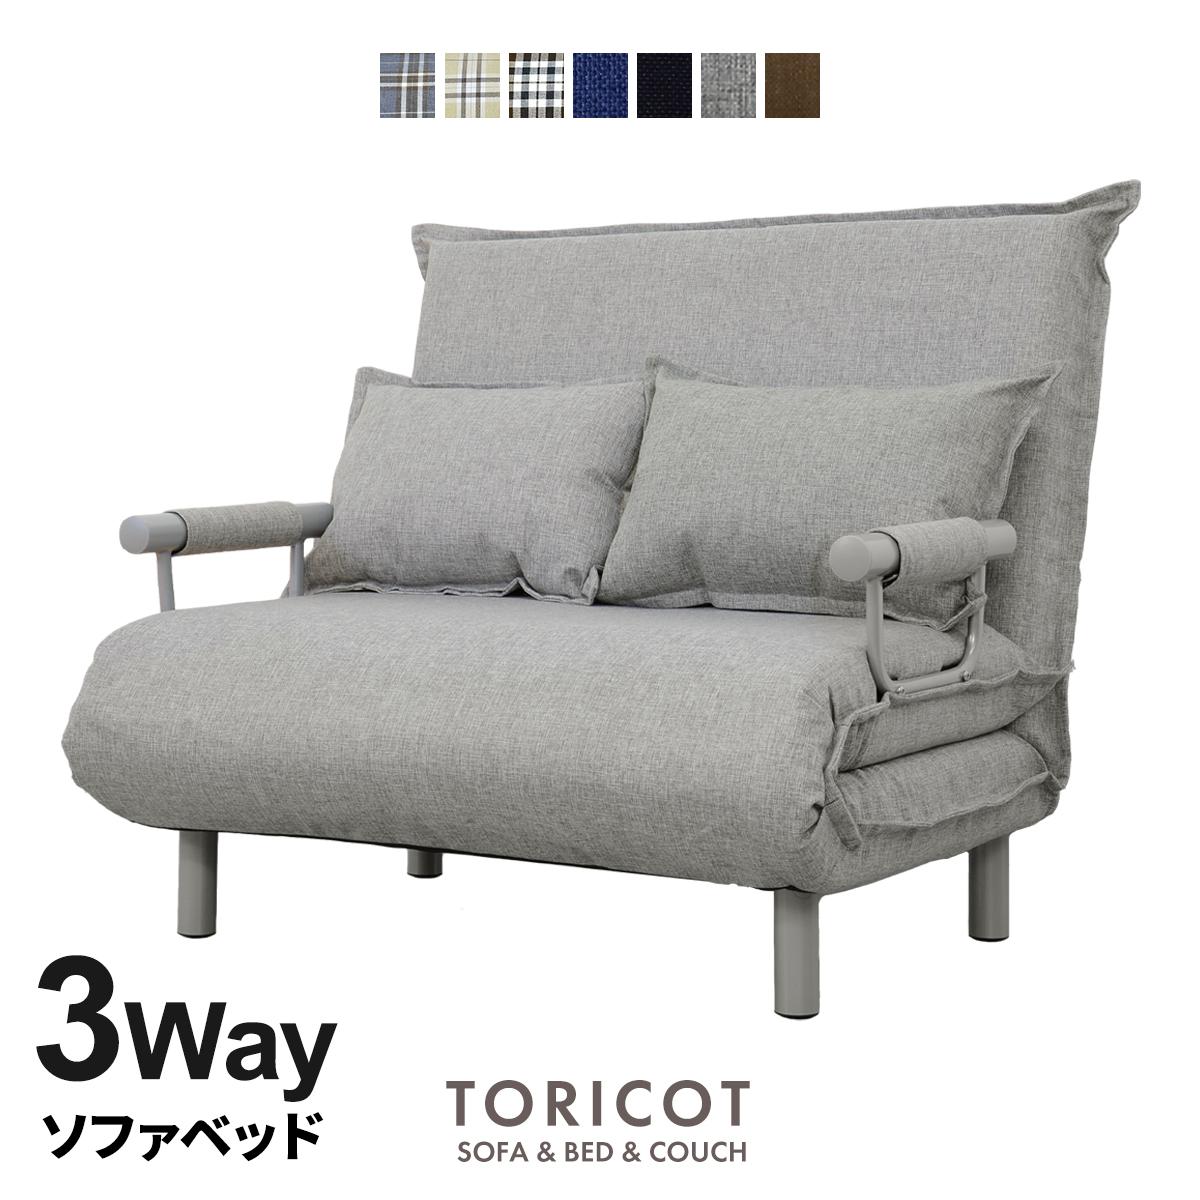 【送料無料】 折りたたみベッド ソファーベッド 折りたたみ三つ折りタイプ 2人掛けソファ 二人掛けソファ ソファベッド[トリコL][KIC]